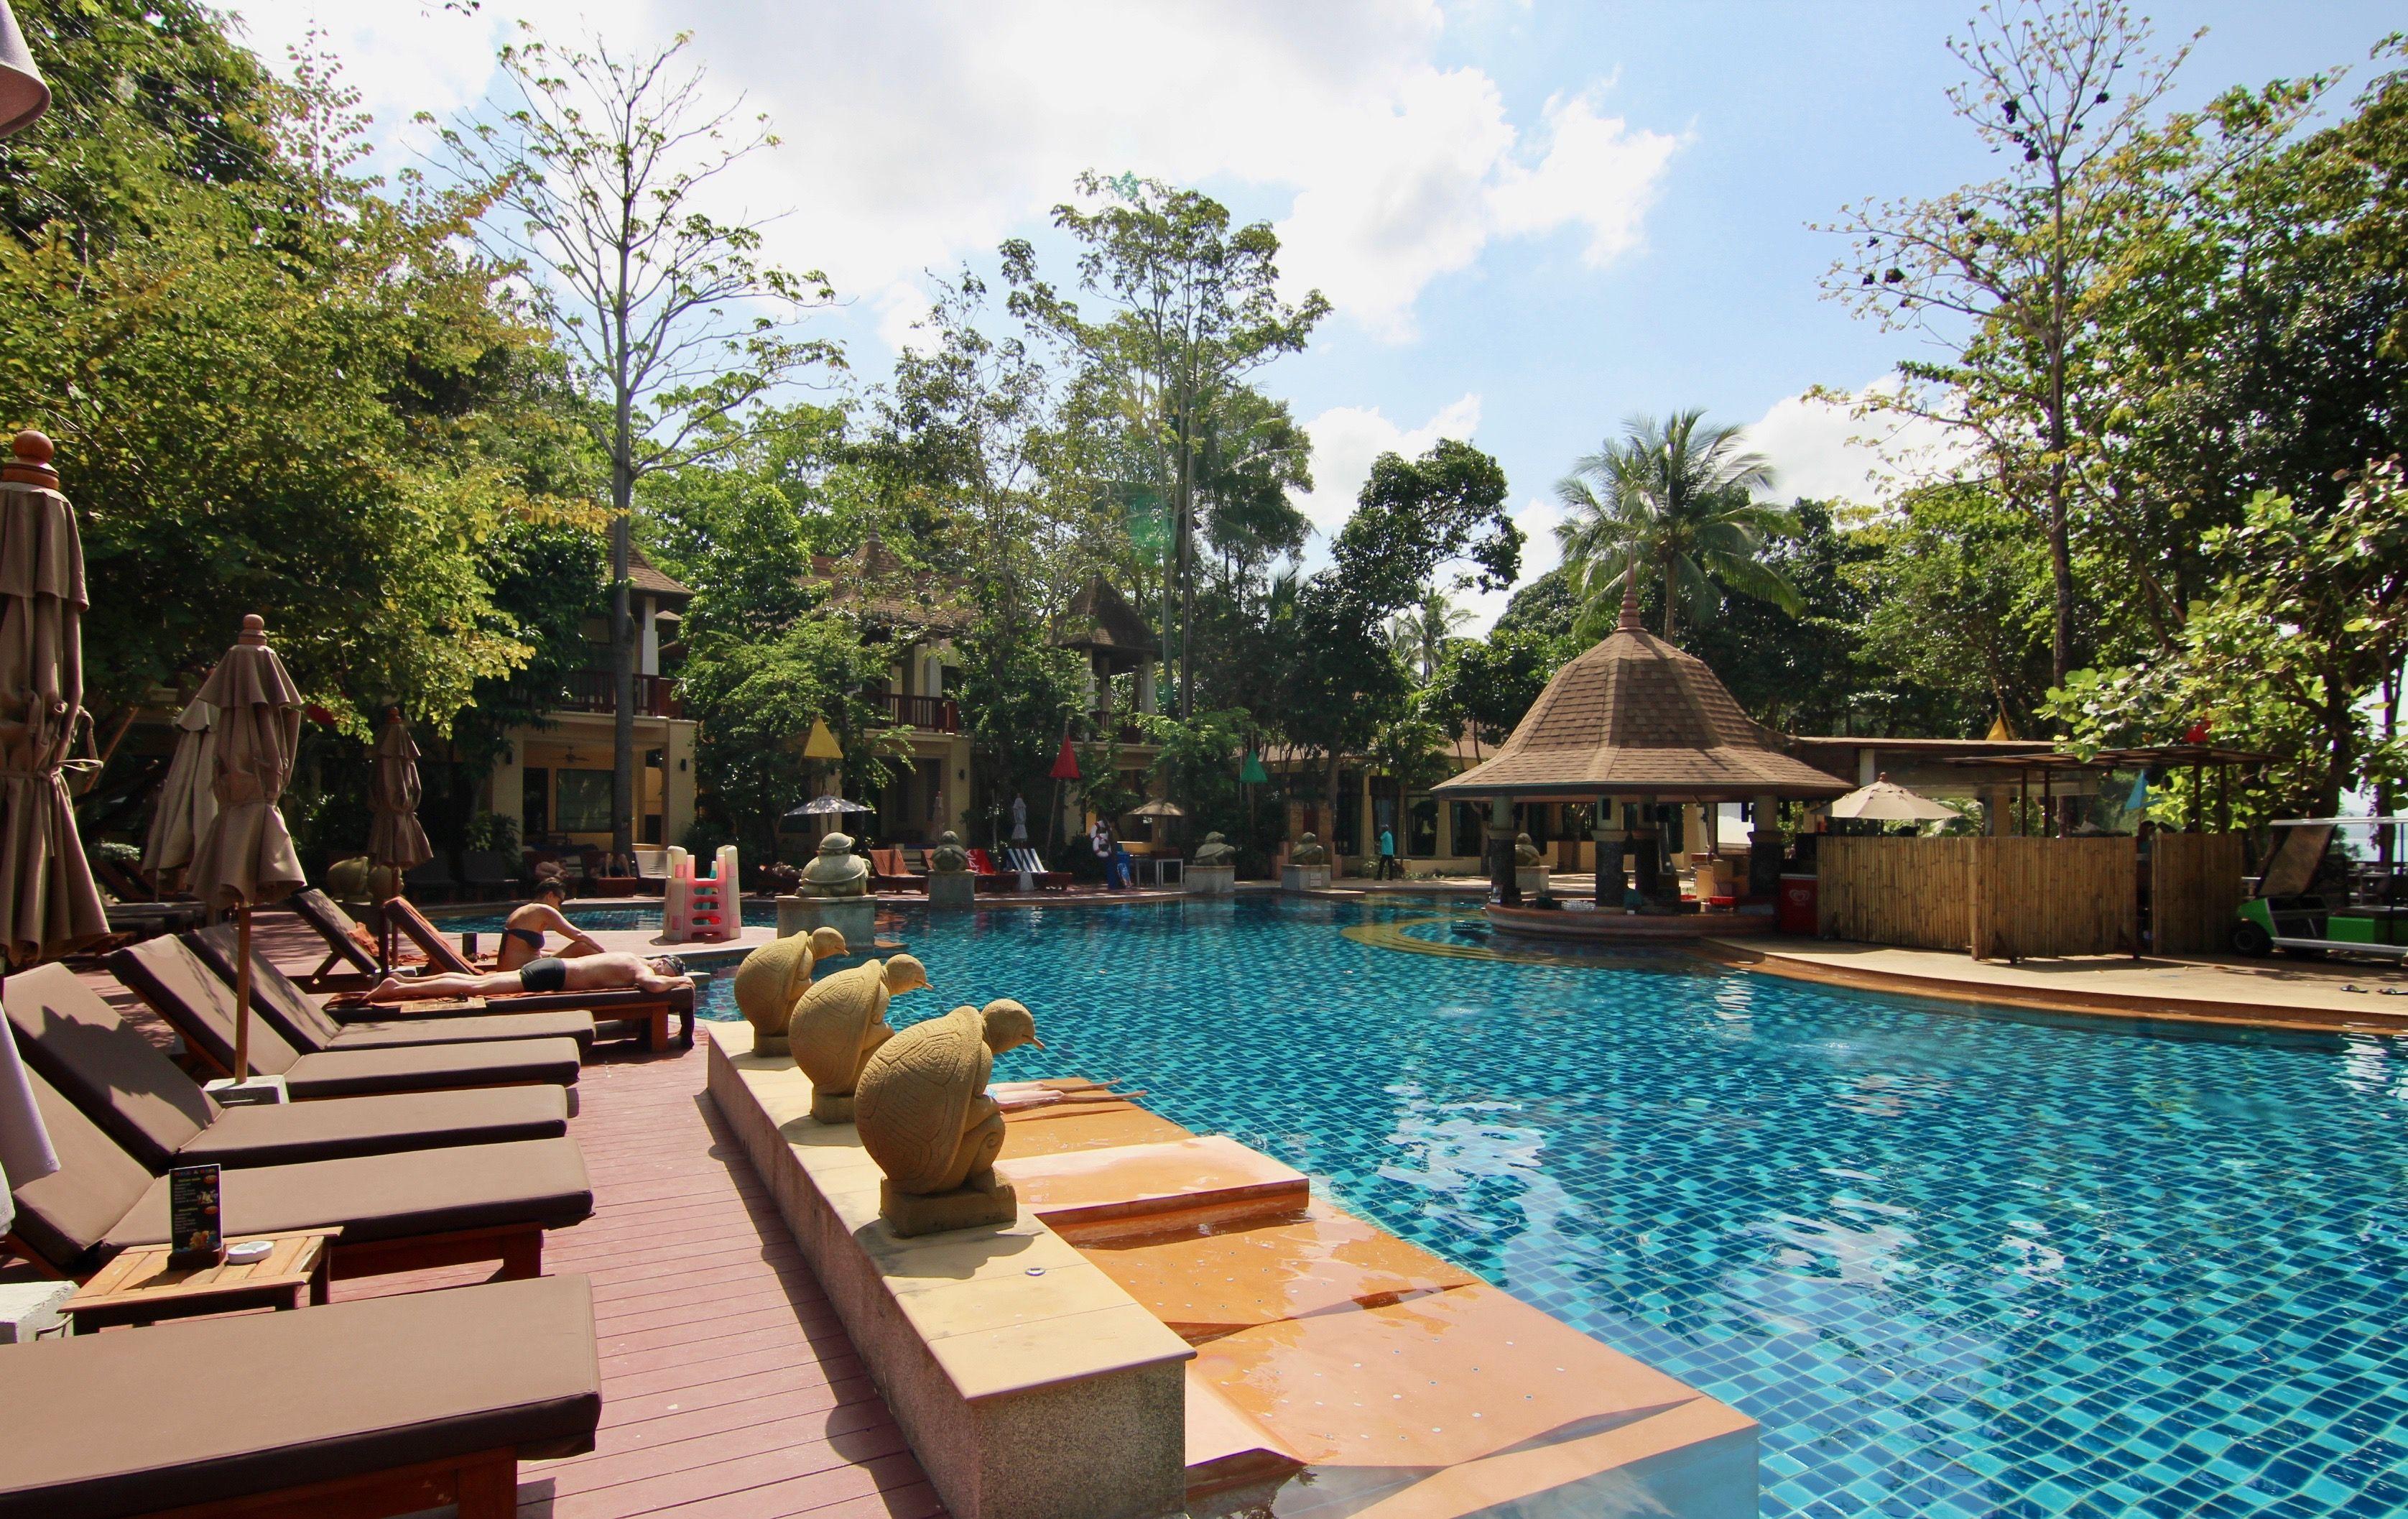 Ko Lanta Top Hotels Crown Lanta Pool Koh lanta, Resort